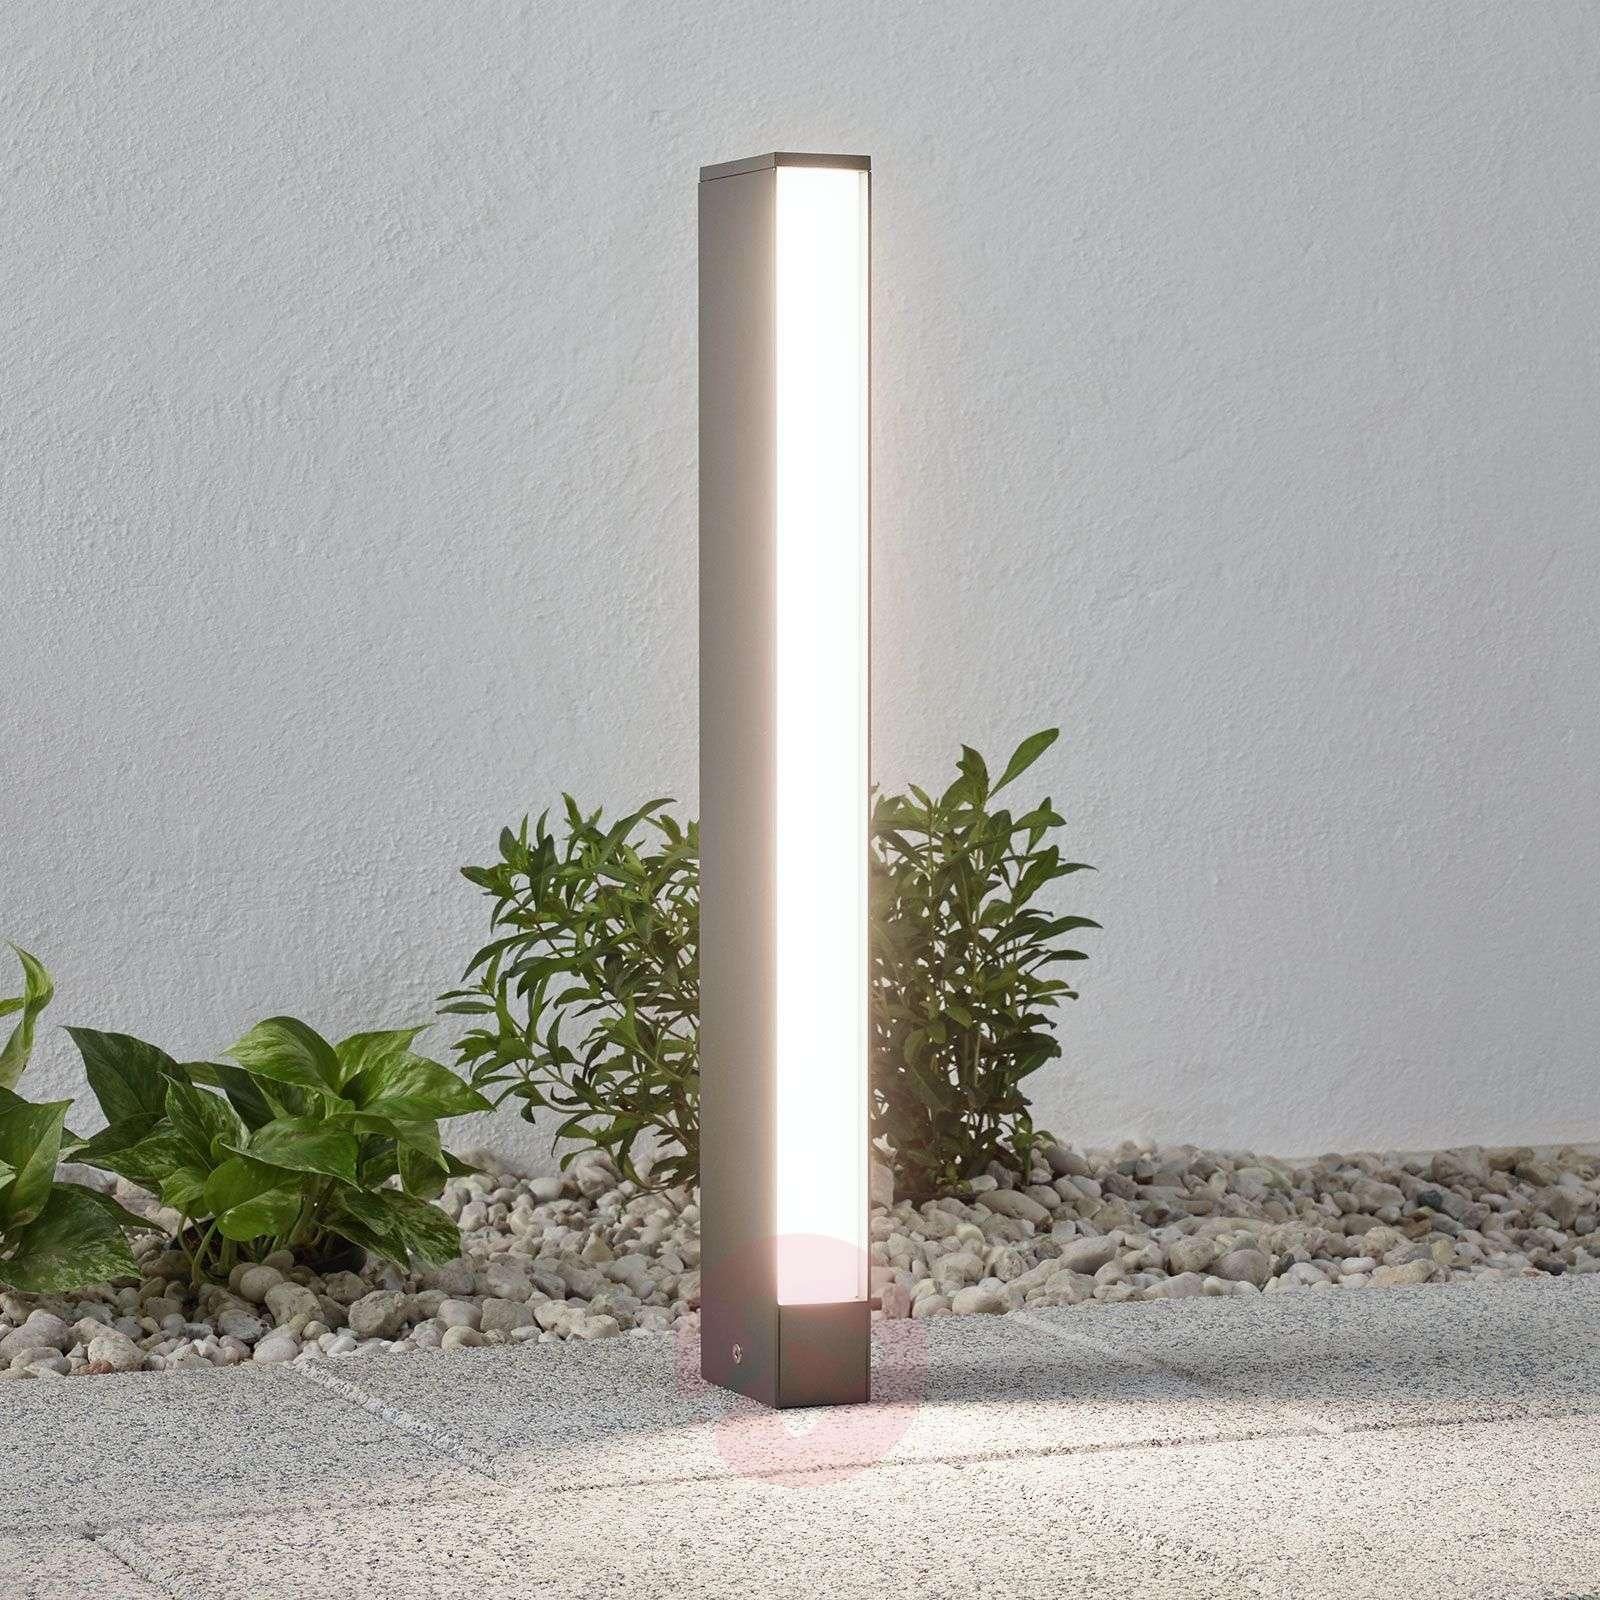 LED-pylväsvalaisin Lirka, tummanharmaa, 1-lampp.-9969104-02